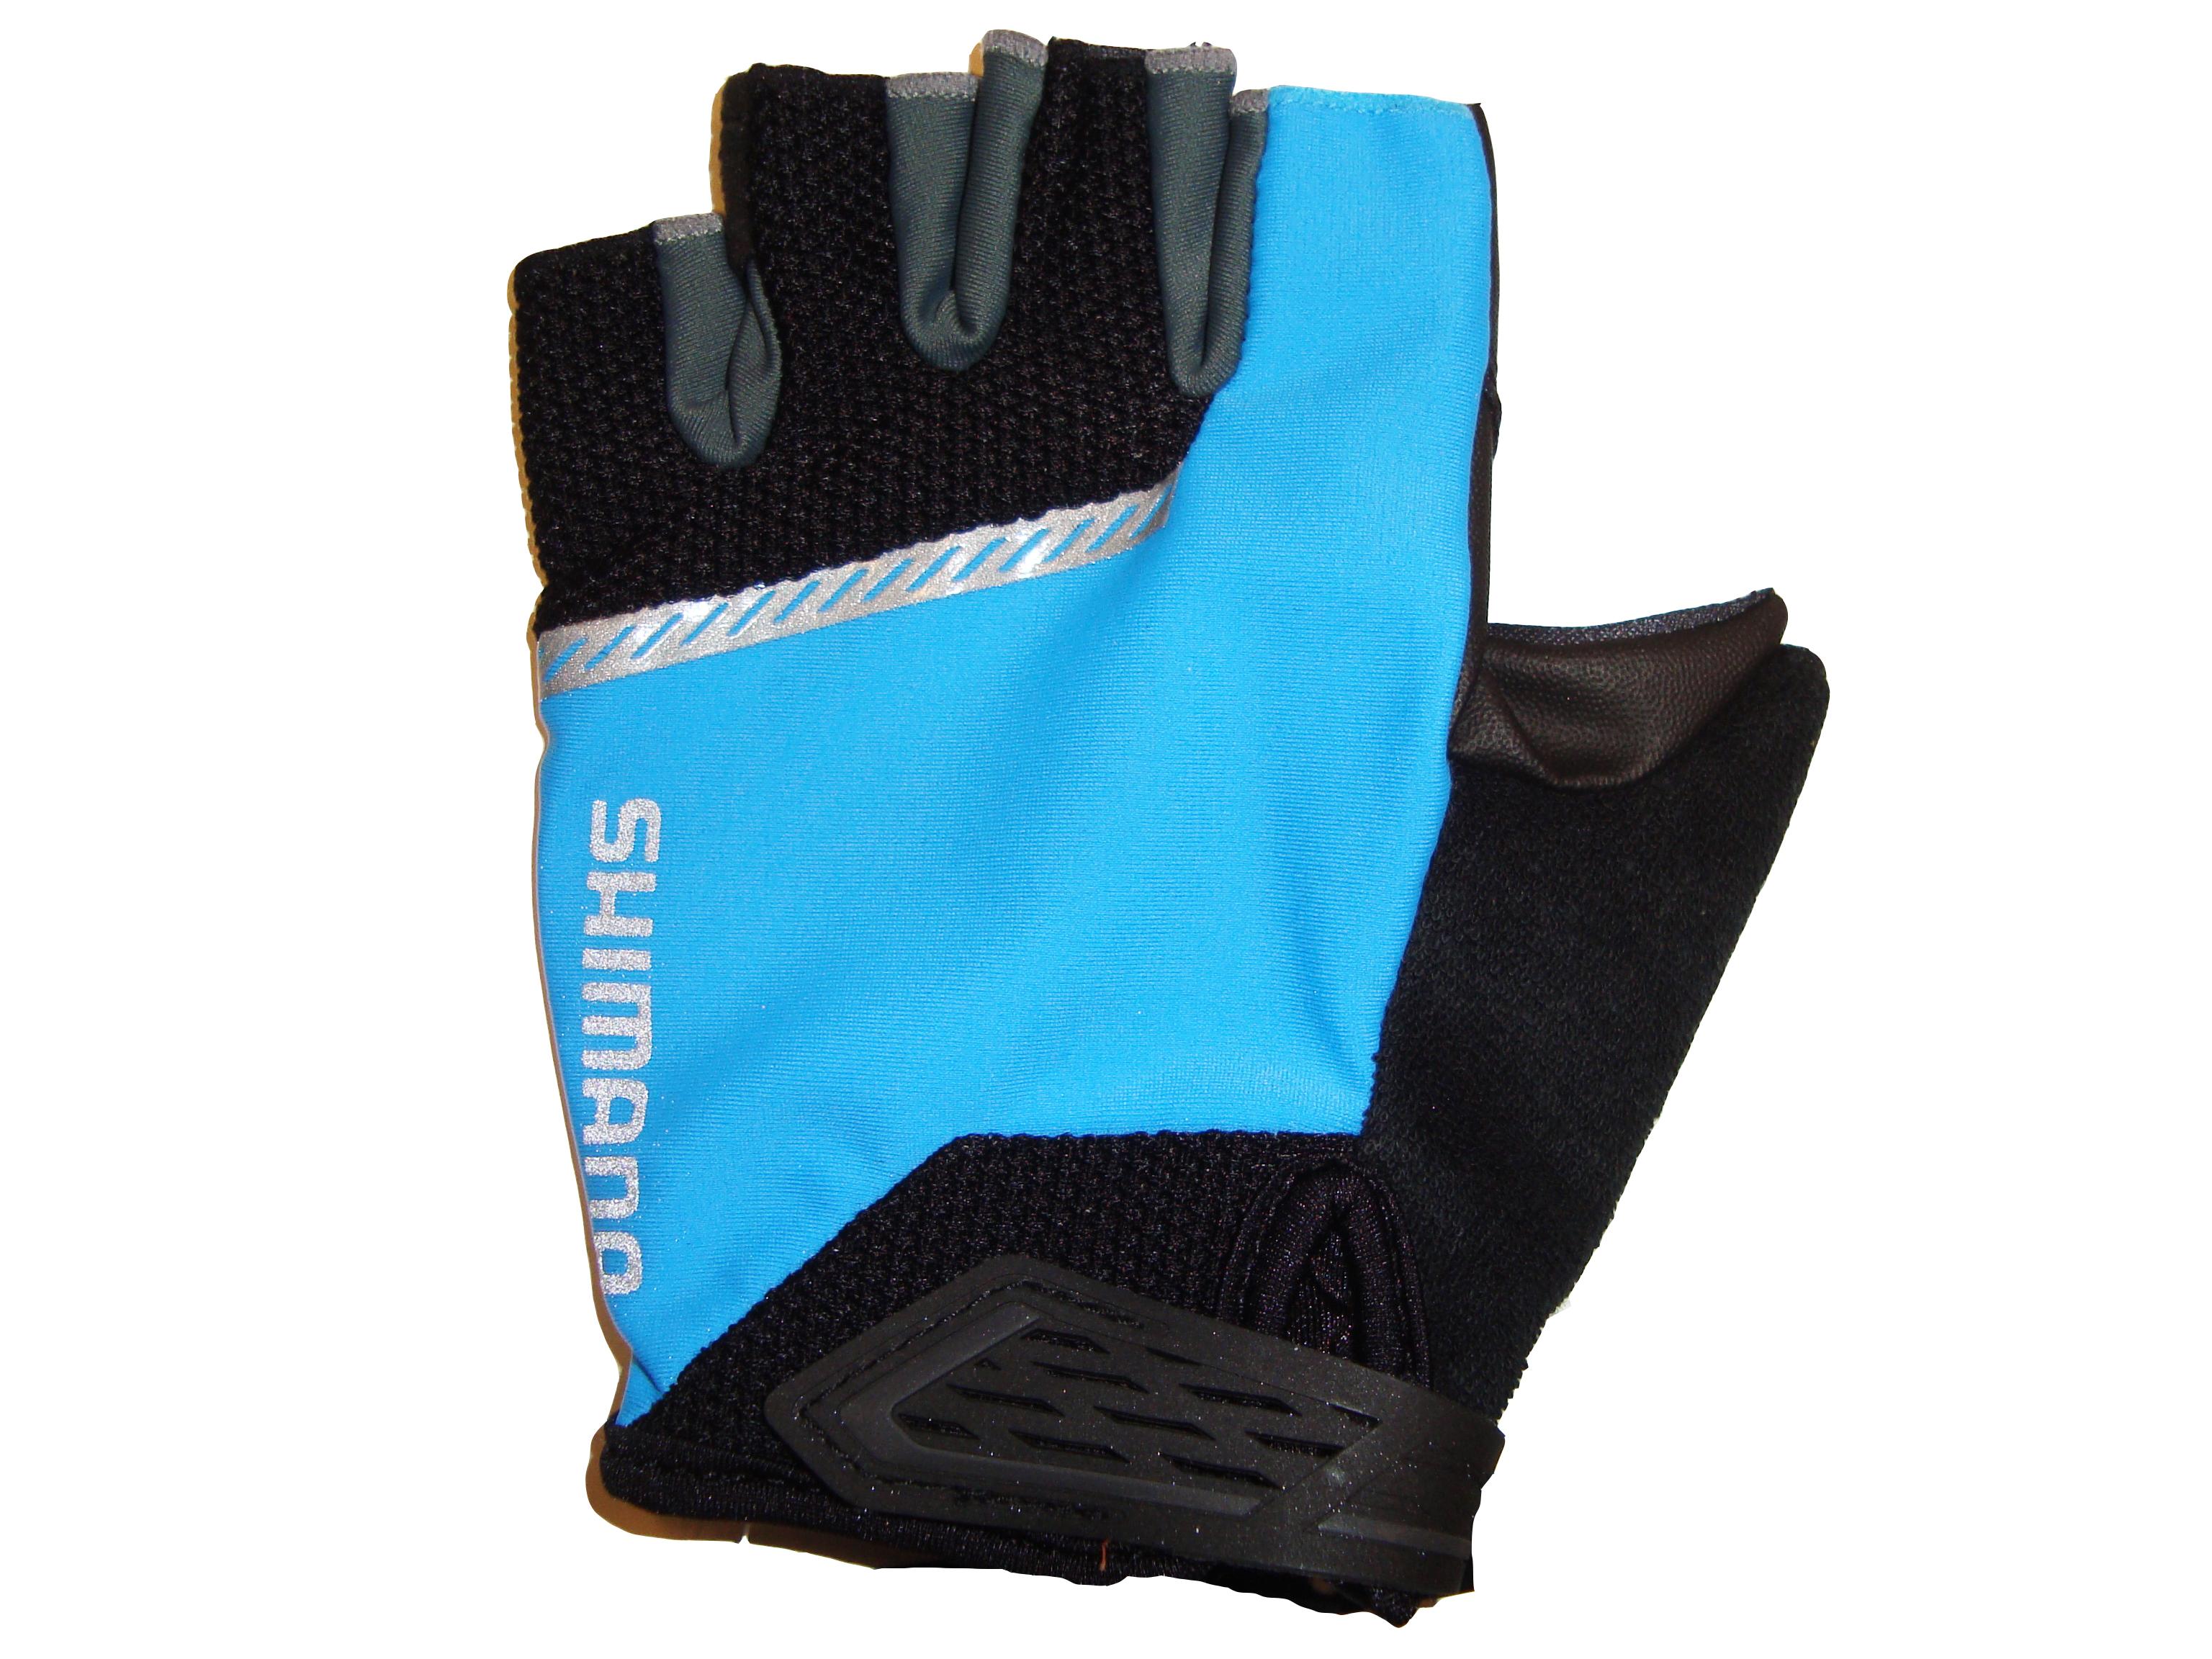 Shimano Original rukavice, černá/modrá, S